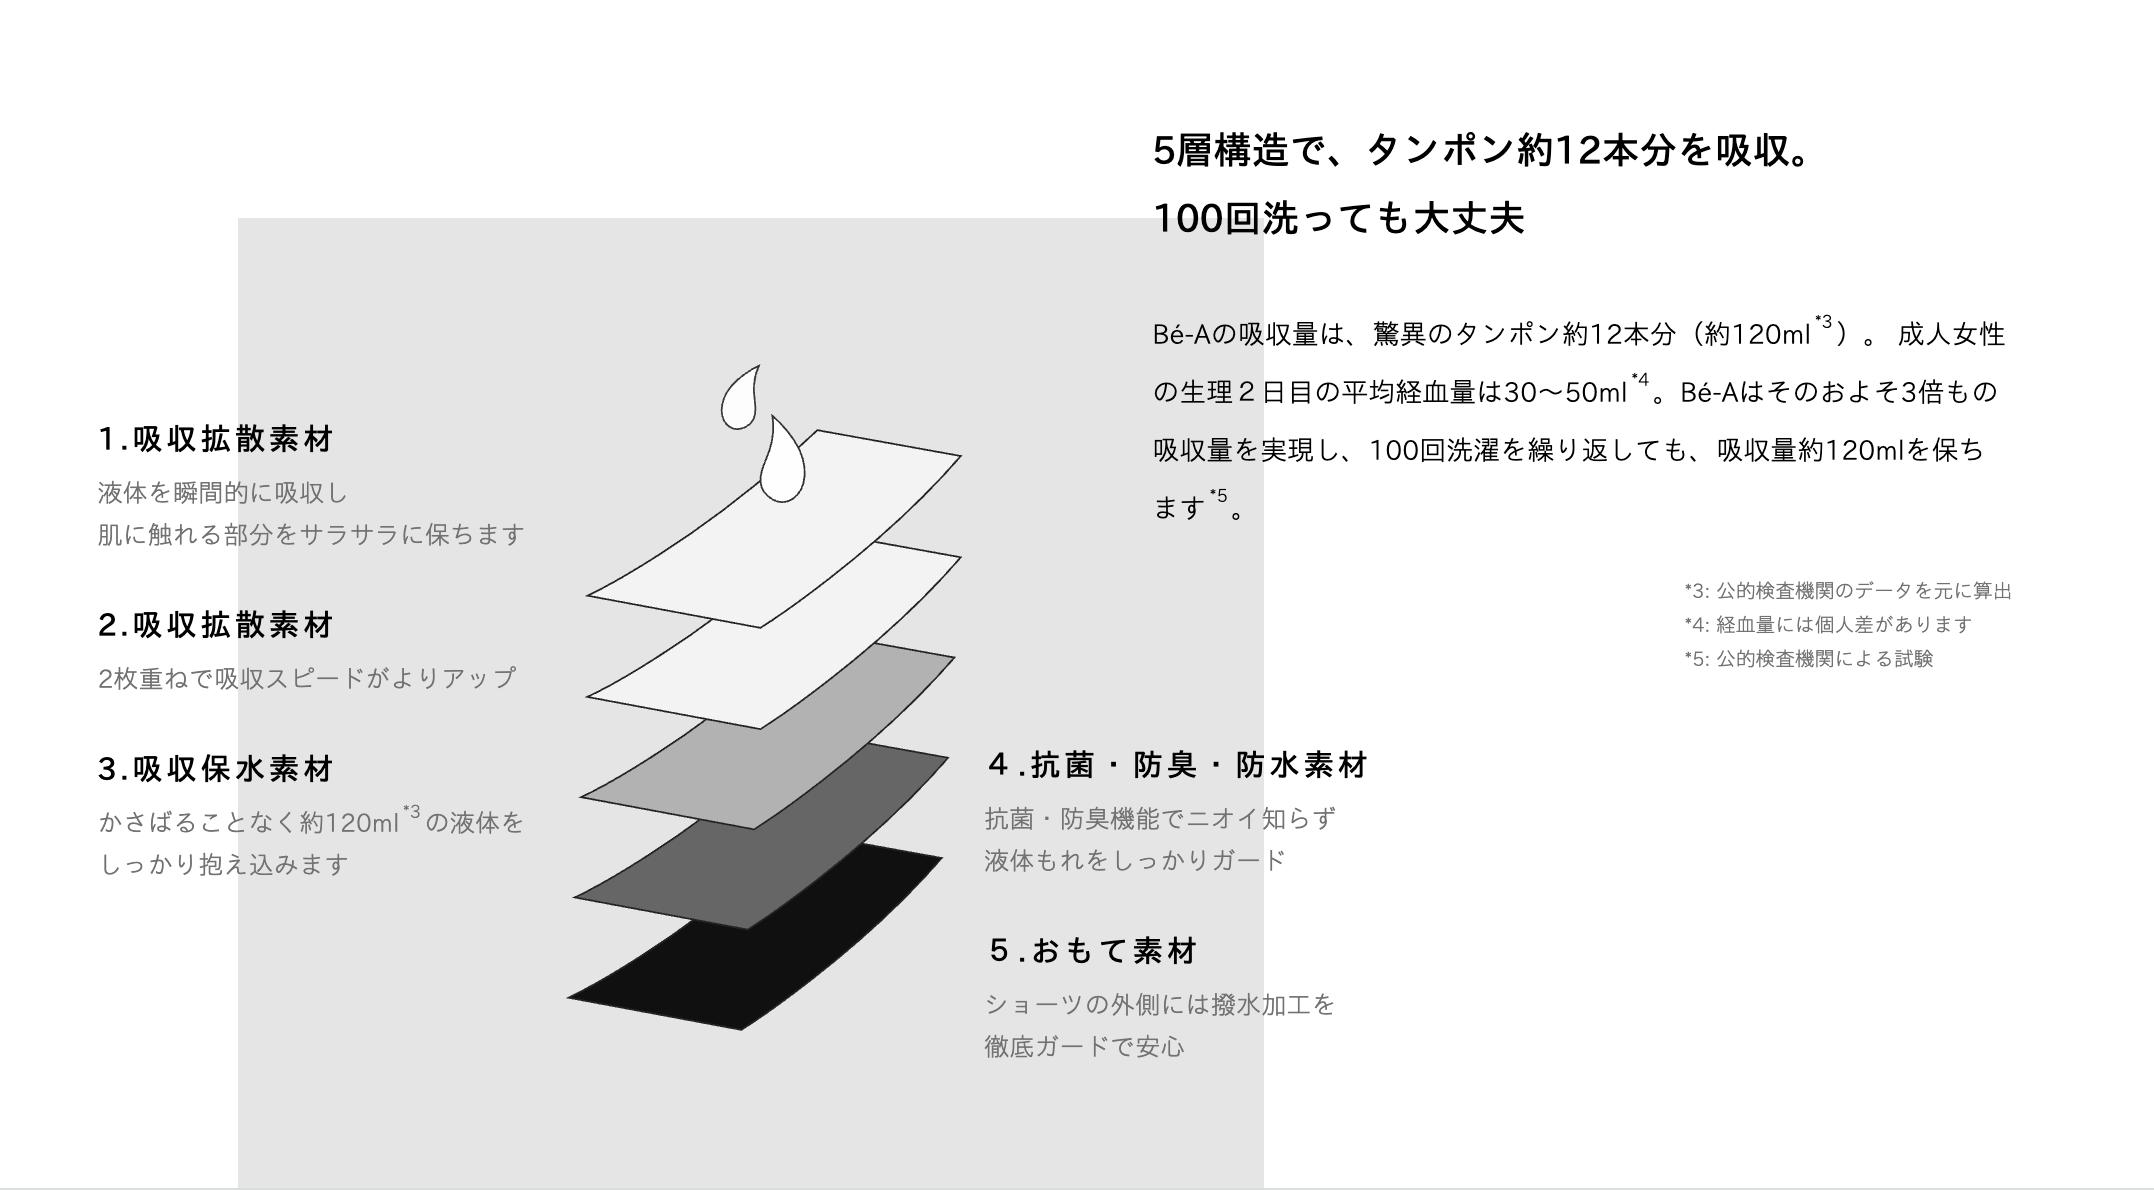 スクリーンショット 2021-05-18 12.06.12.png